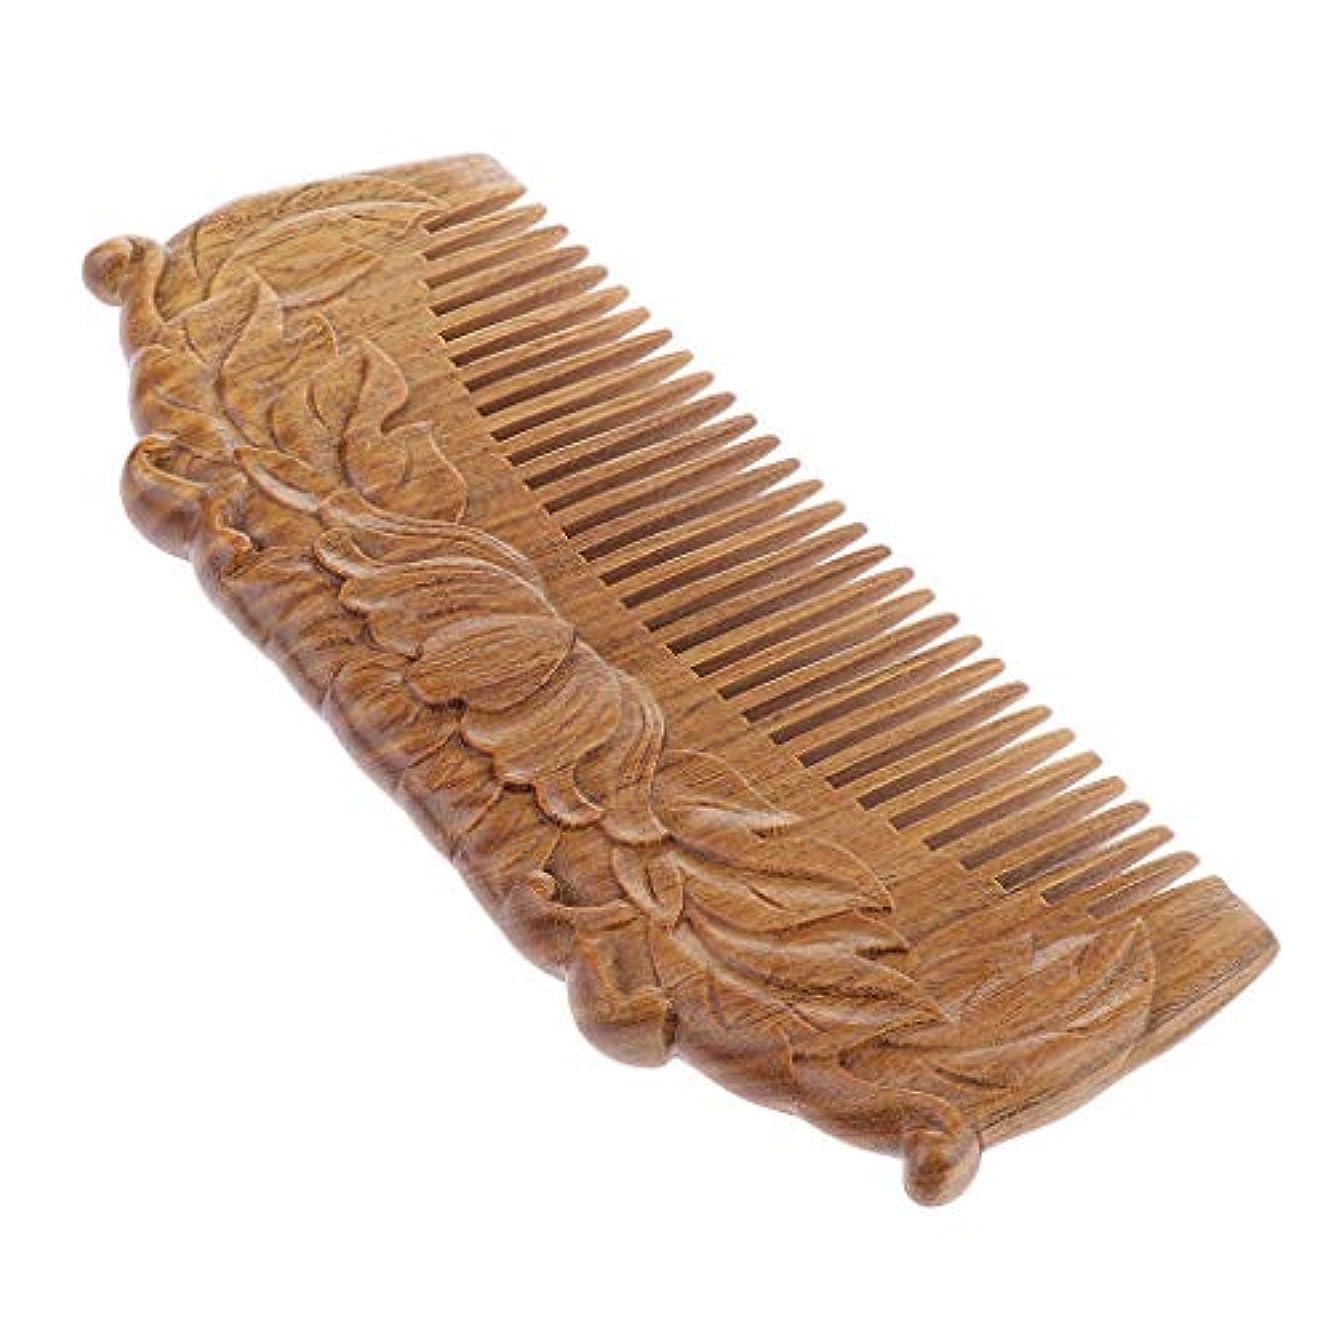 ダーツ衣装測るCUTICATE サンダルウッド木製くし細かい歯ヘアケアくしツール静的ポケットサイズなし